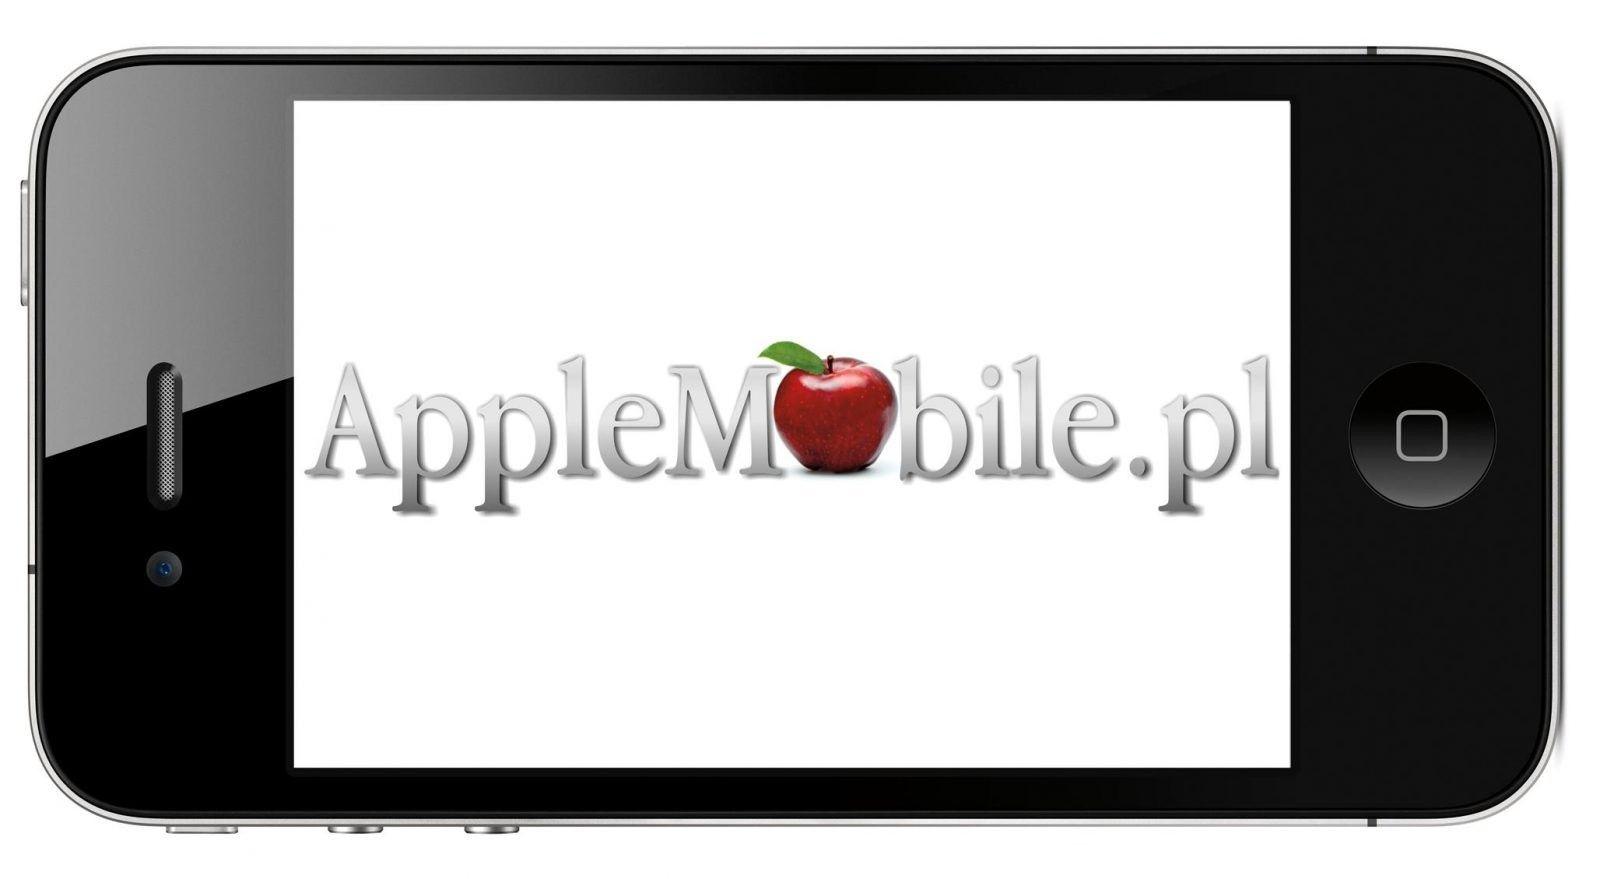 AppleMobile.pl na Onet.pl: Naprawy gwarancyjne, serwis urządzeń